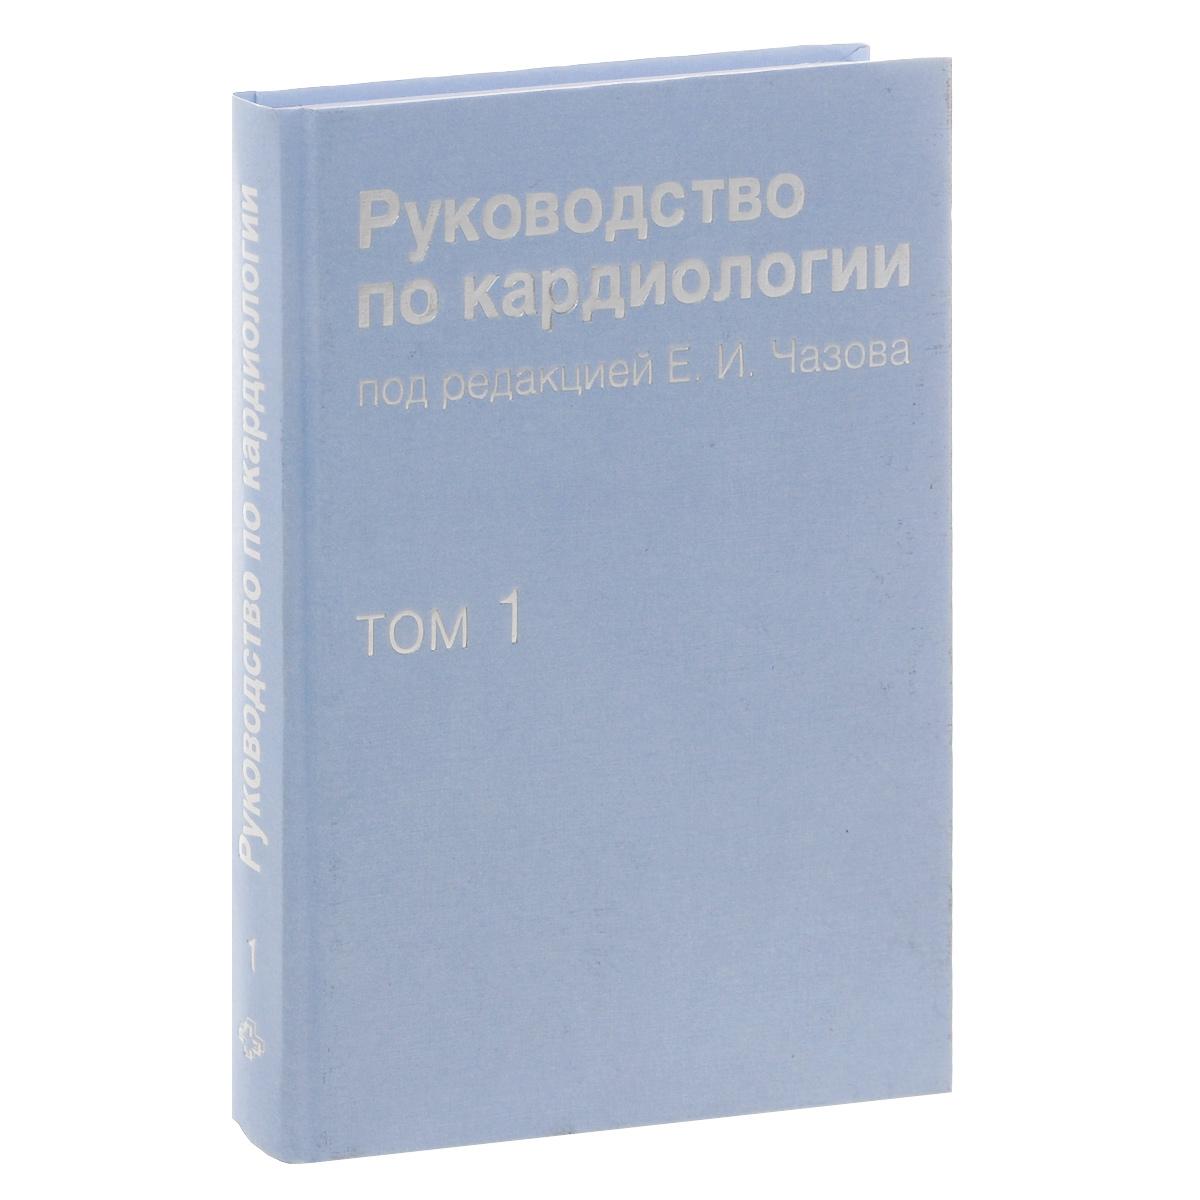 Руководство по кардиологии. В 4 томах. Том 1. Физиология и патофизиология сердечно-сосудистой системы